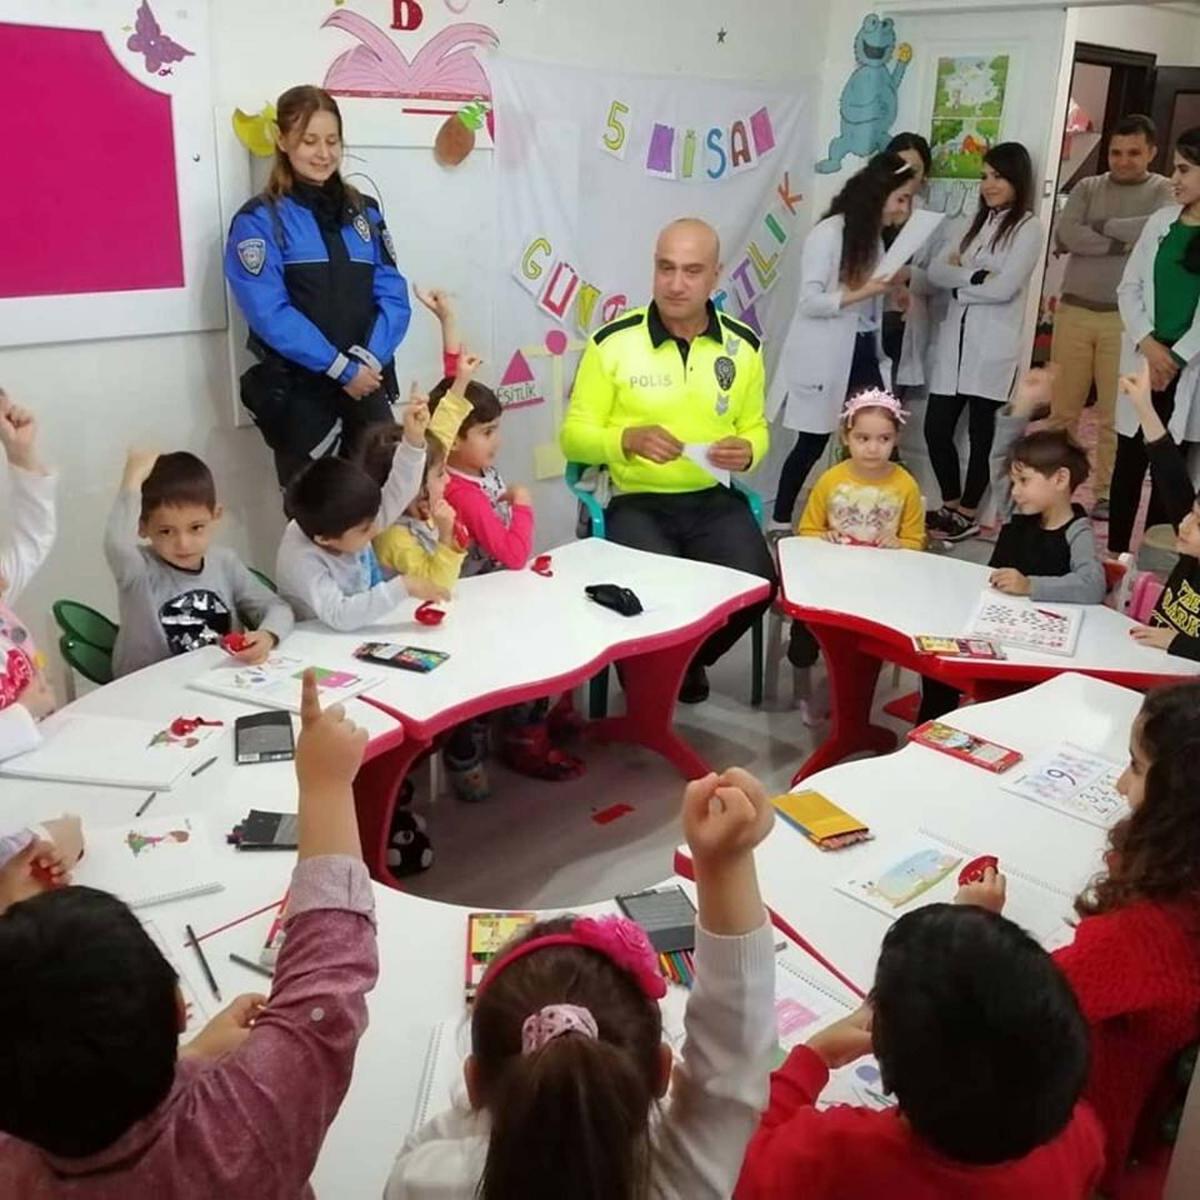 Adıyaman'da Minik Öğrencilere Trafik Eğitimi Verildi